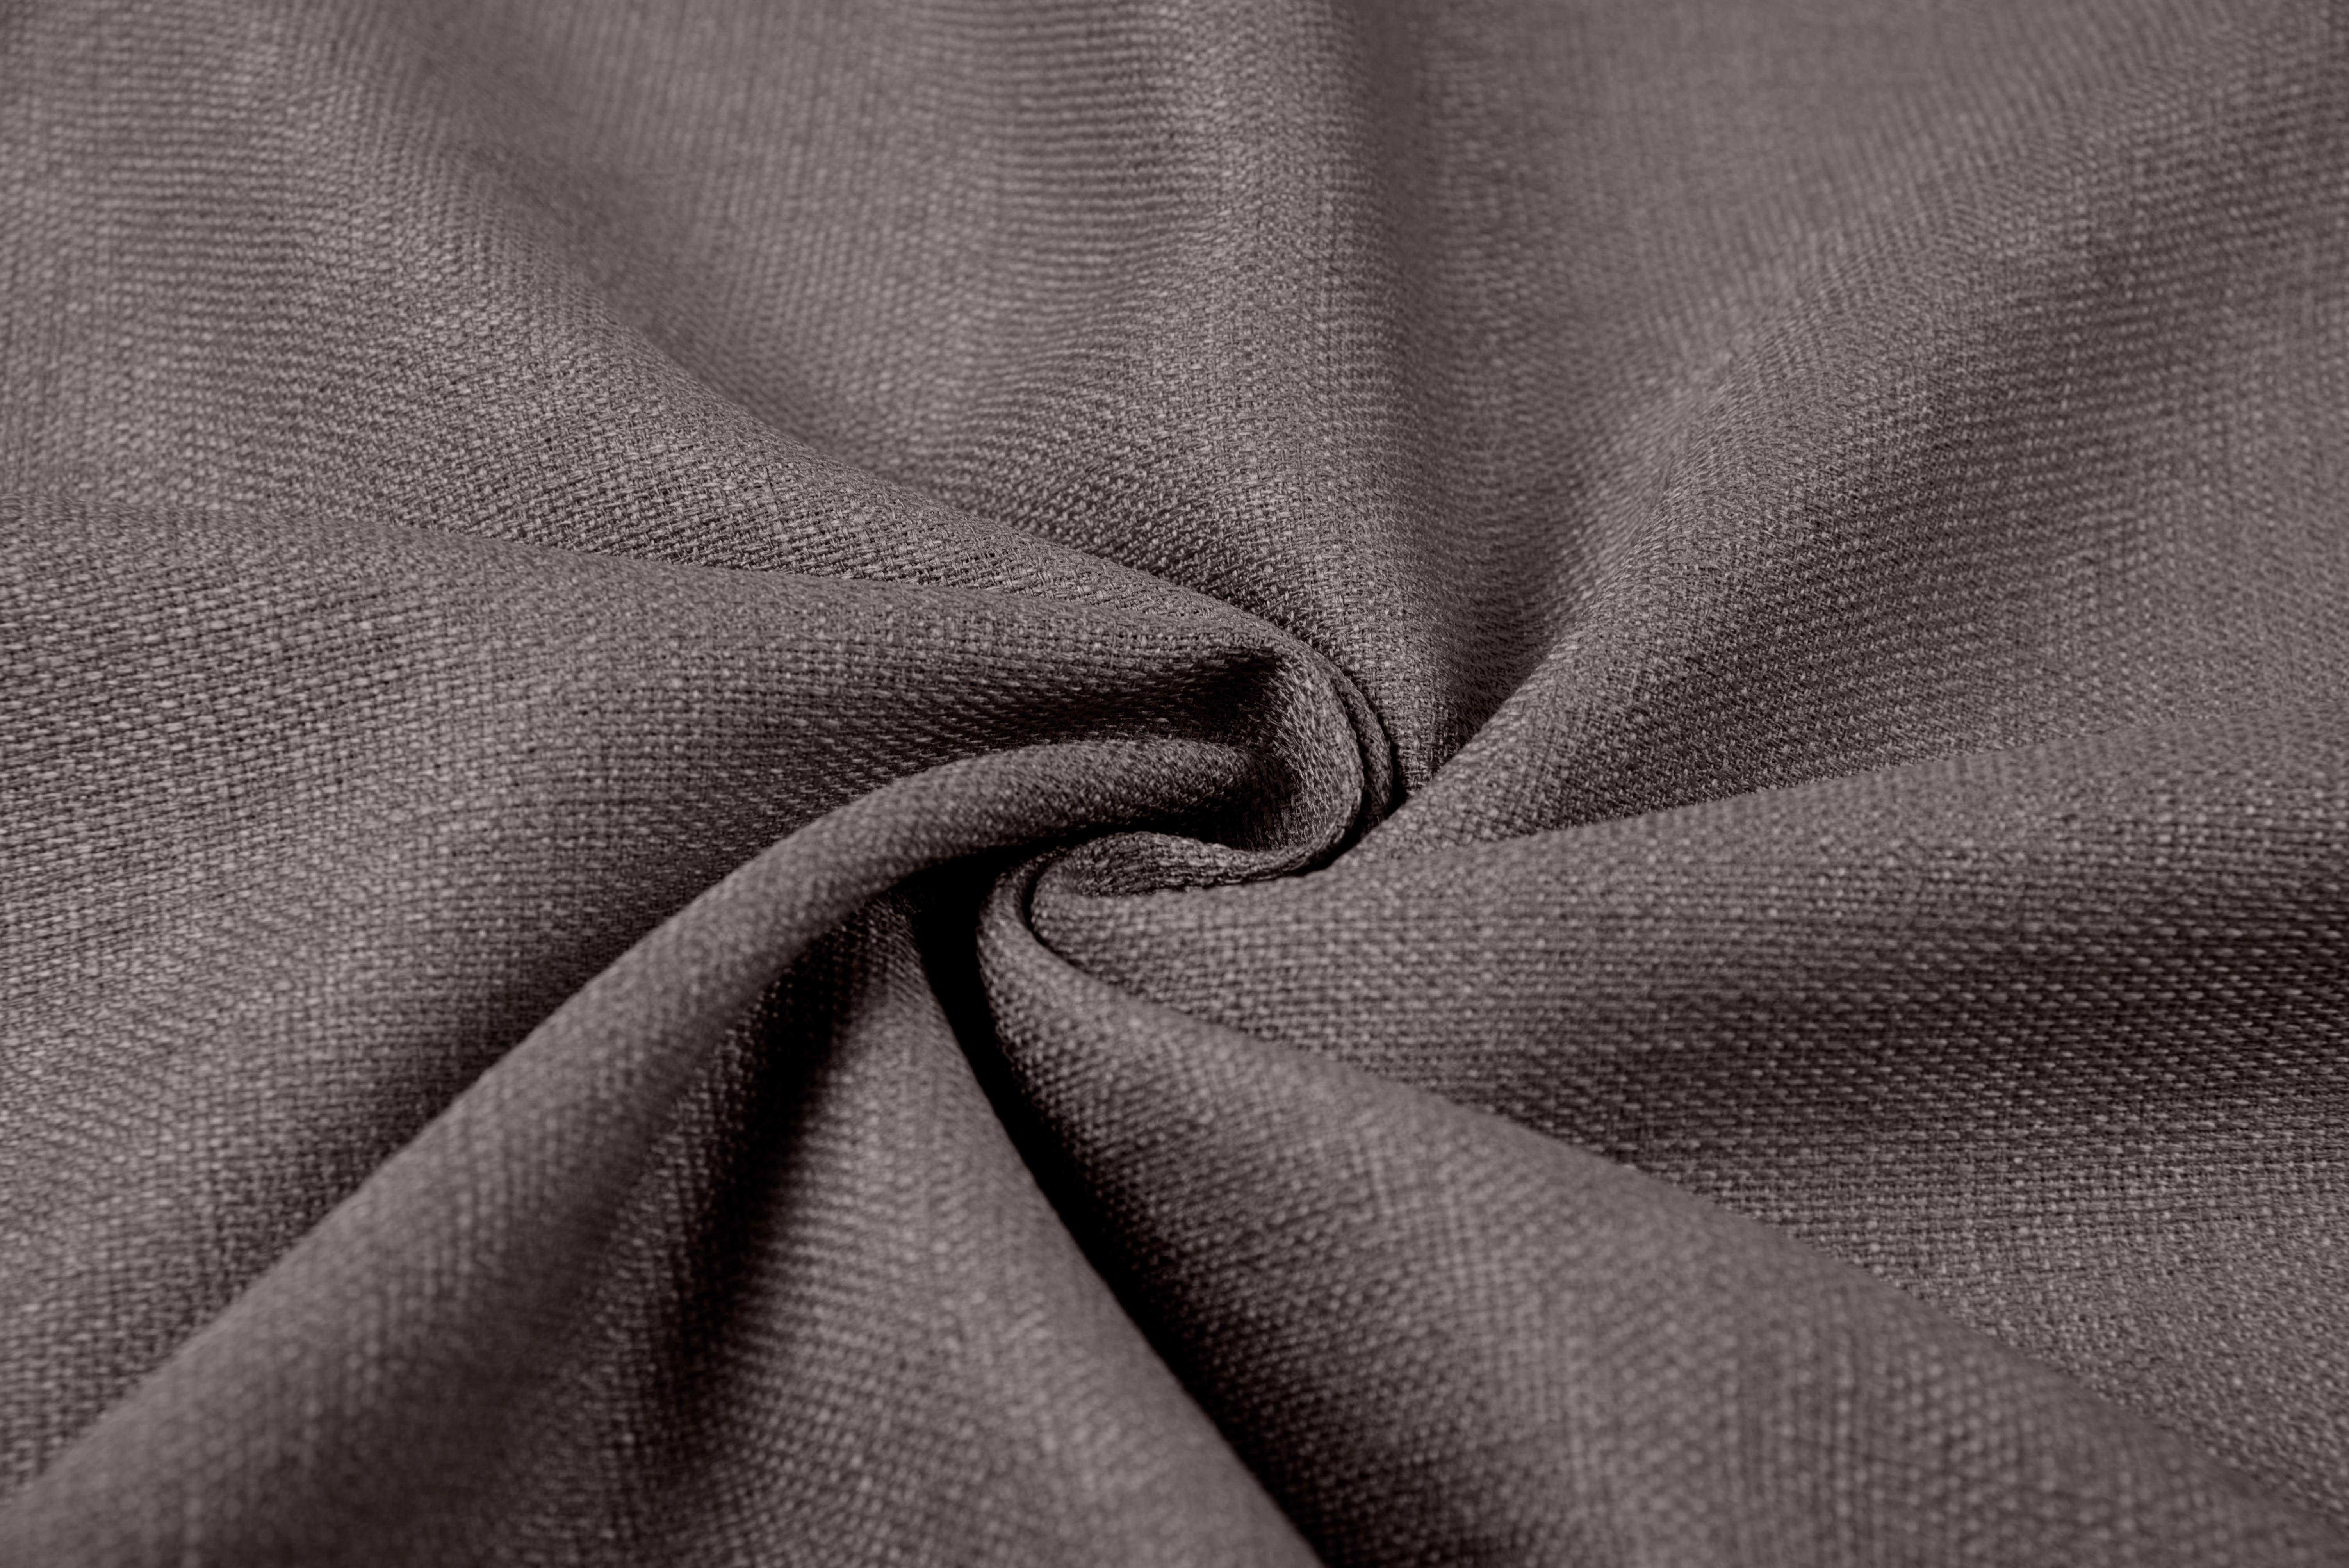 TexRepublic Материал Портьерная ткань Tough Цвет: Коричневый